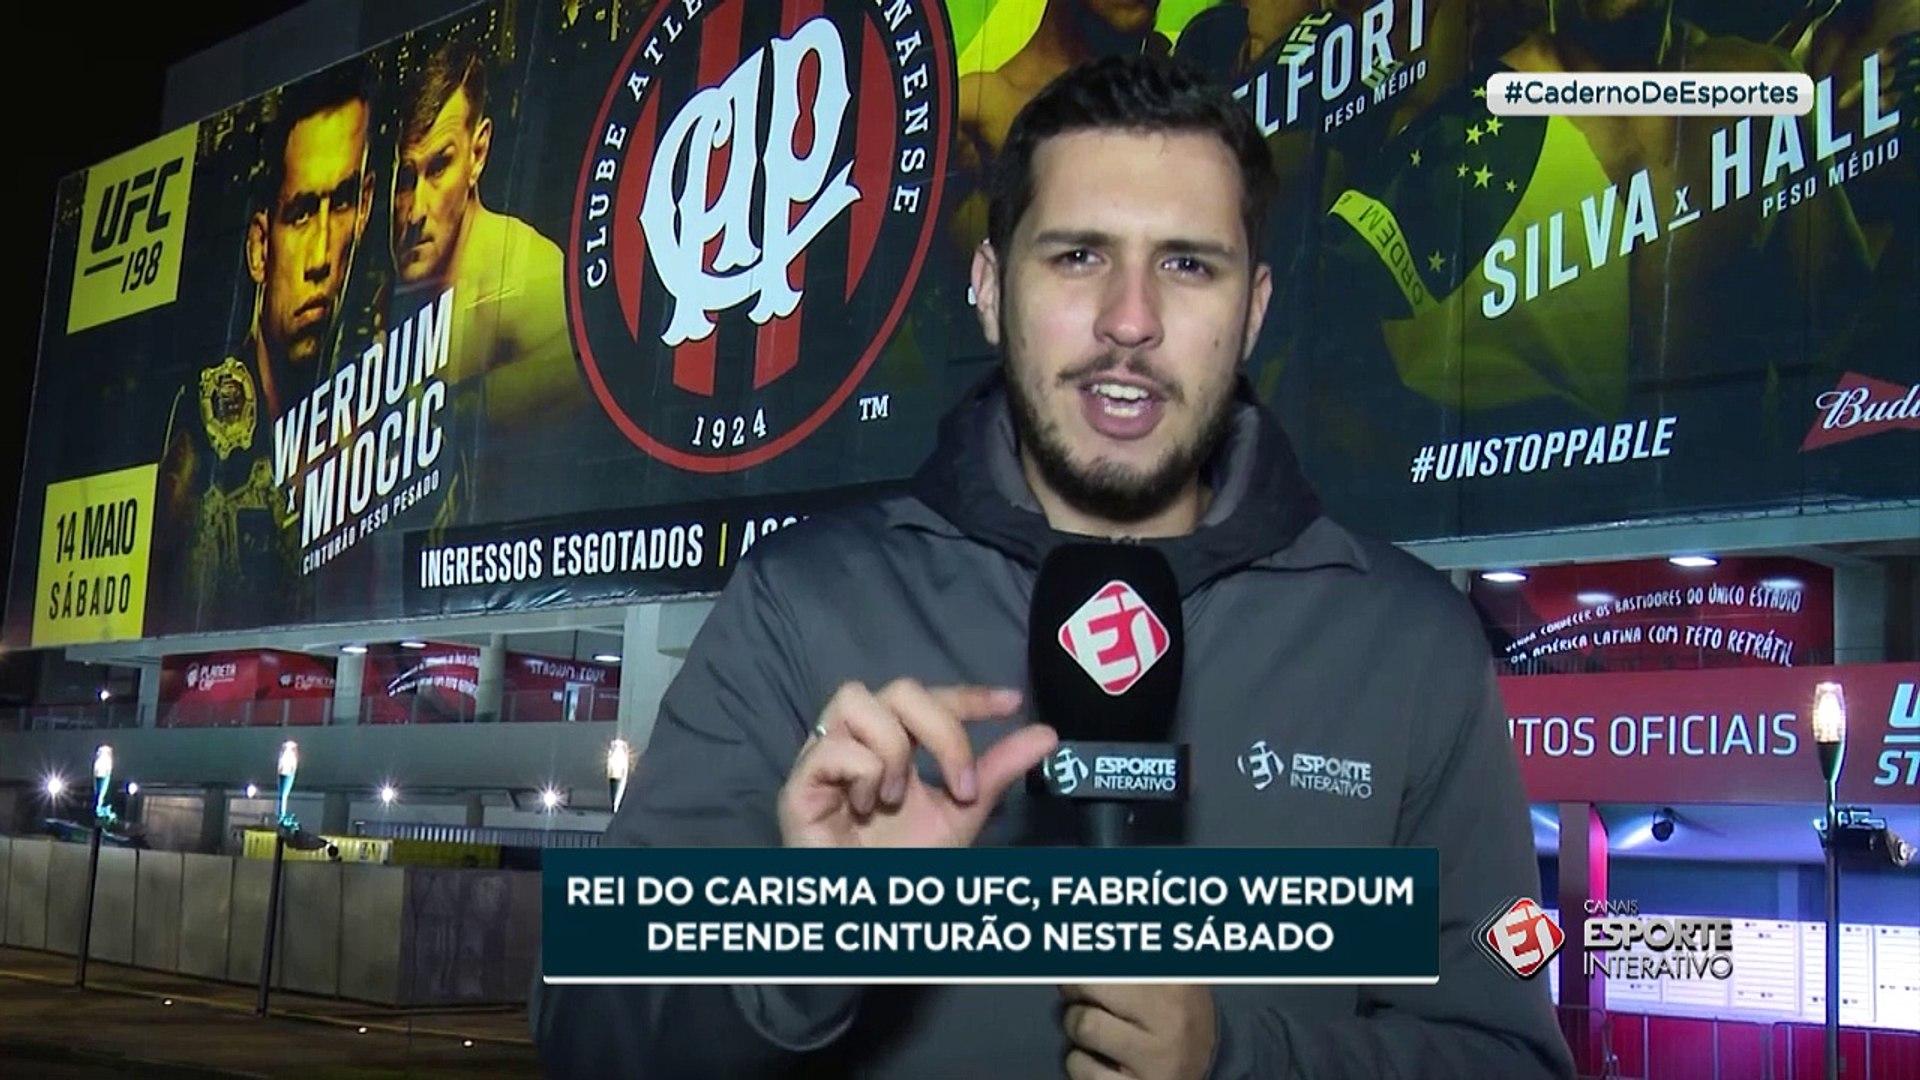 Rei do carisma, Fabrício Werdum defende cinturão no UFC 198